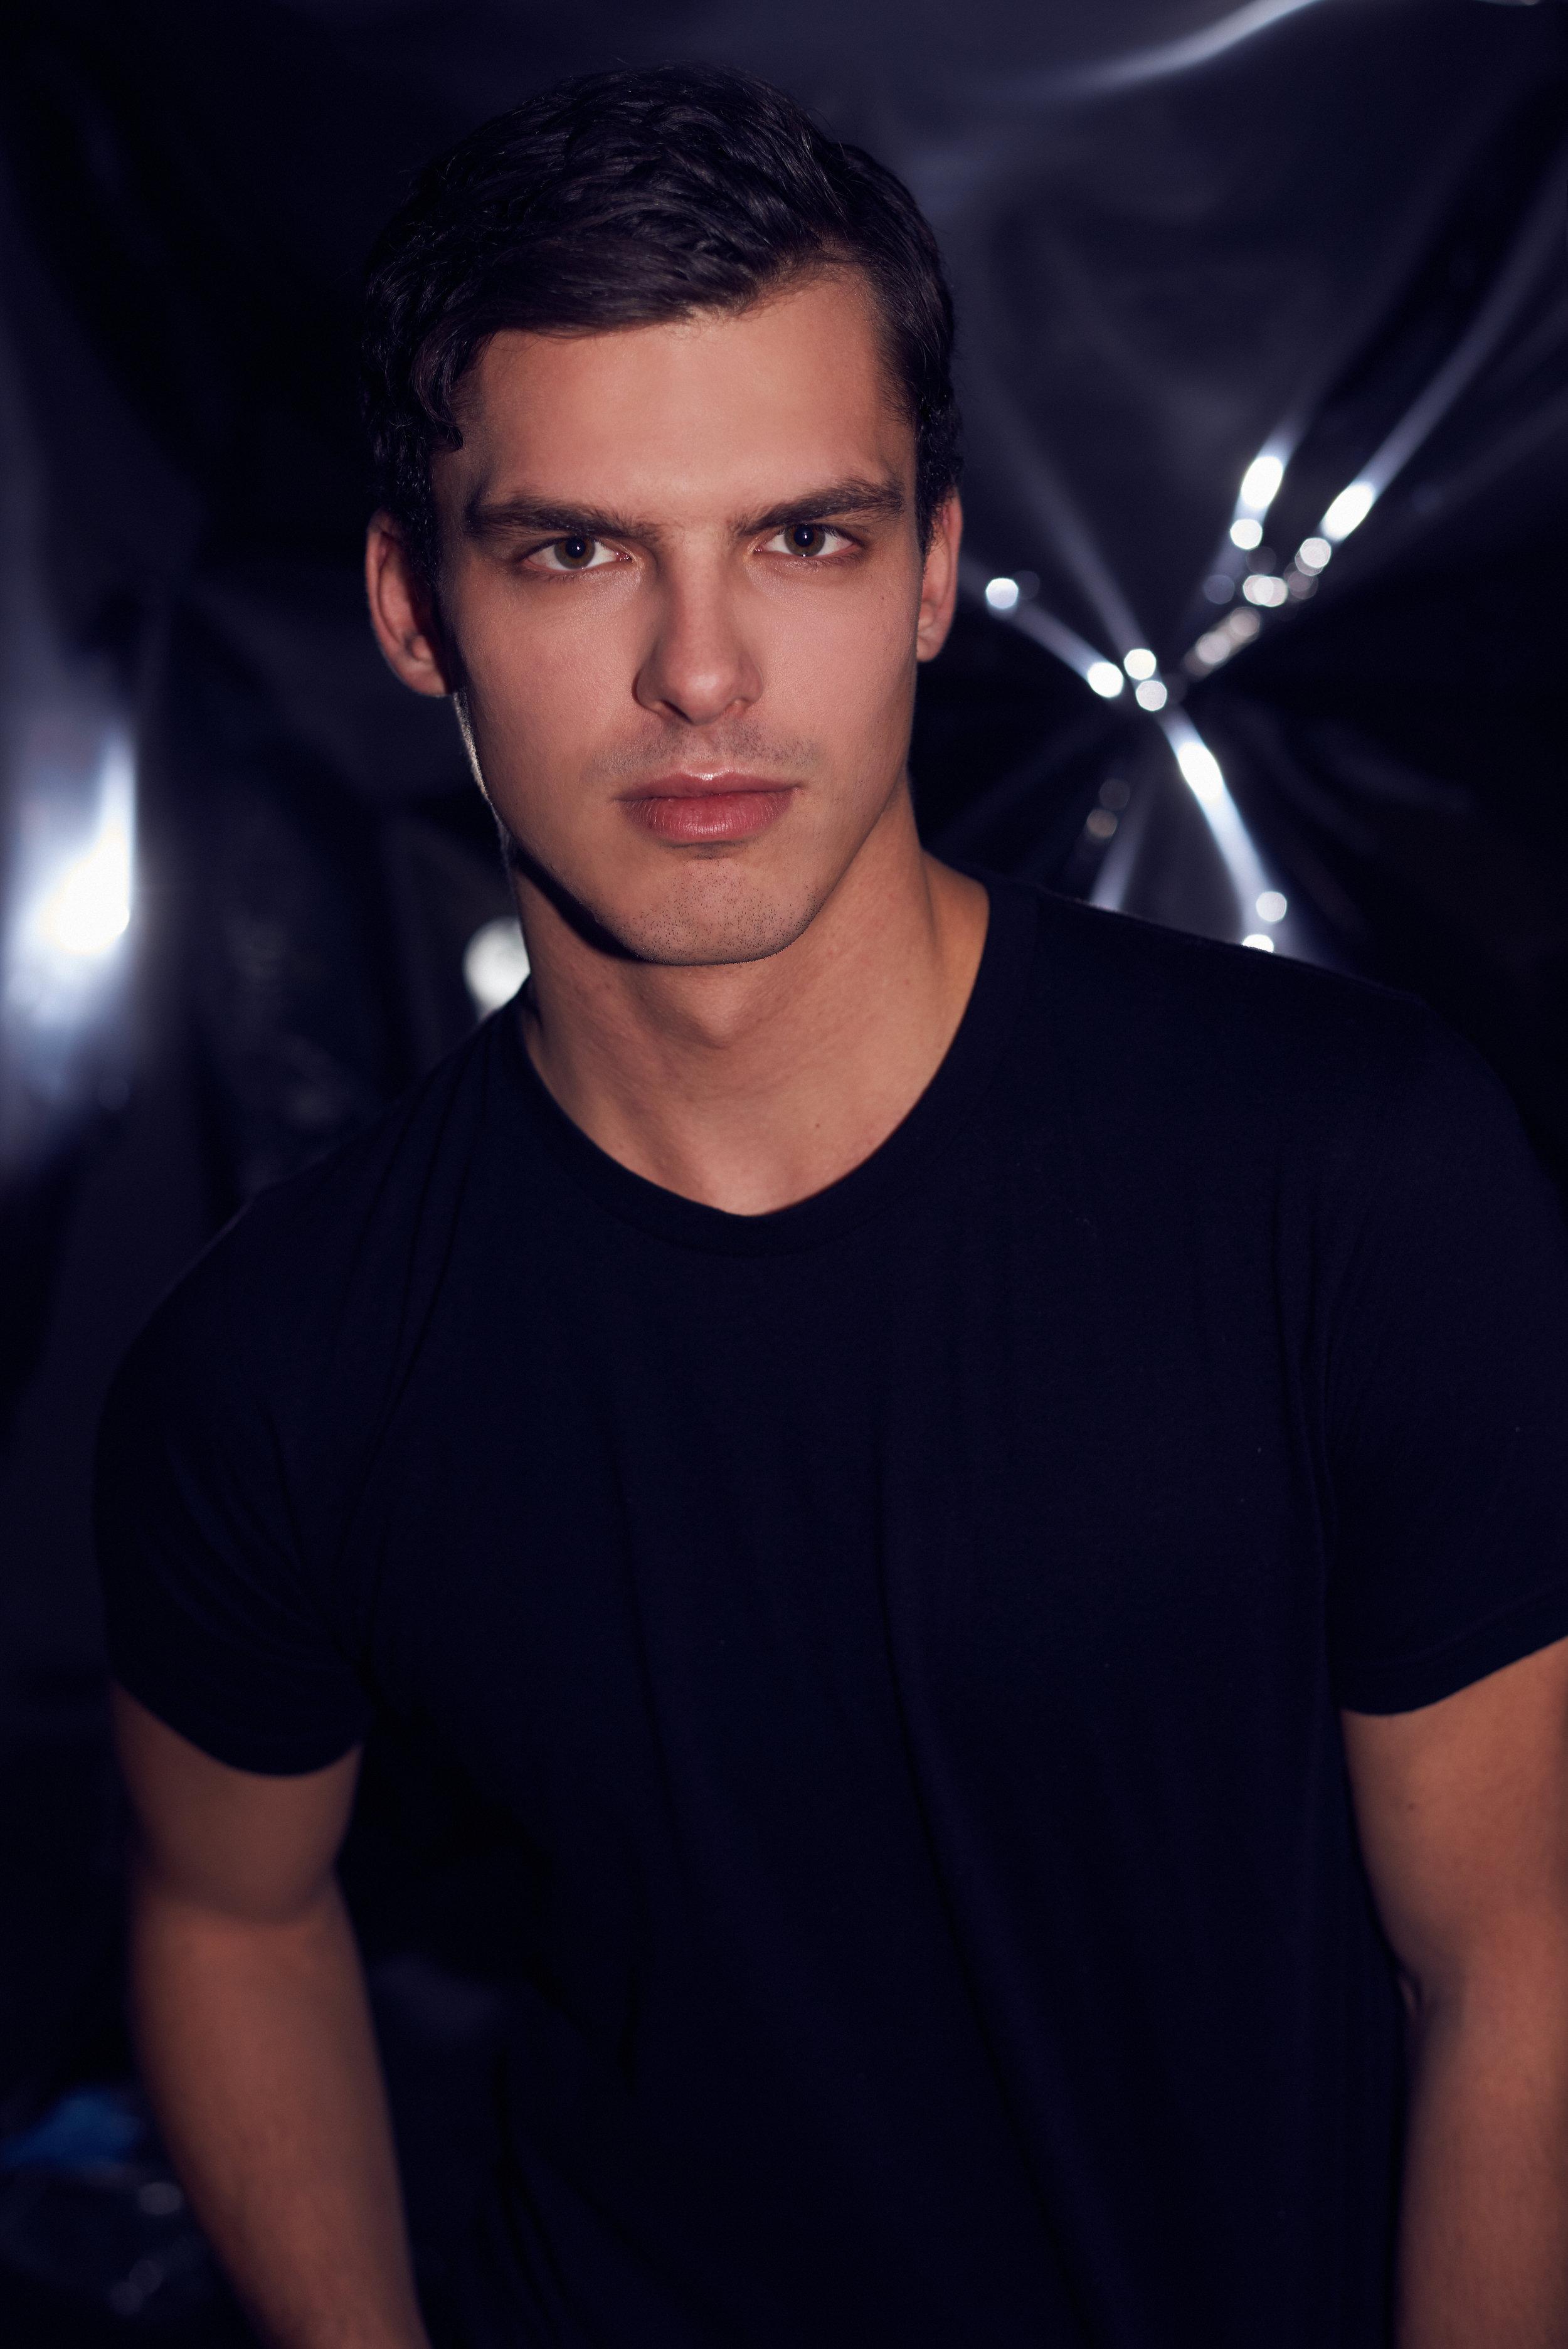 ALEX ROCHAL